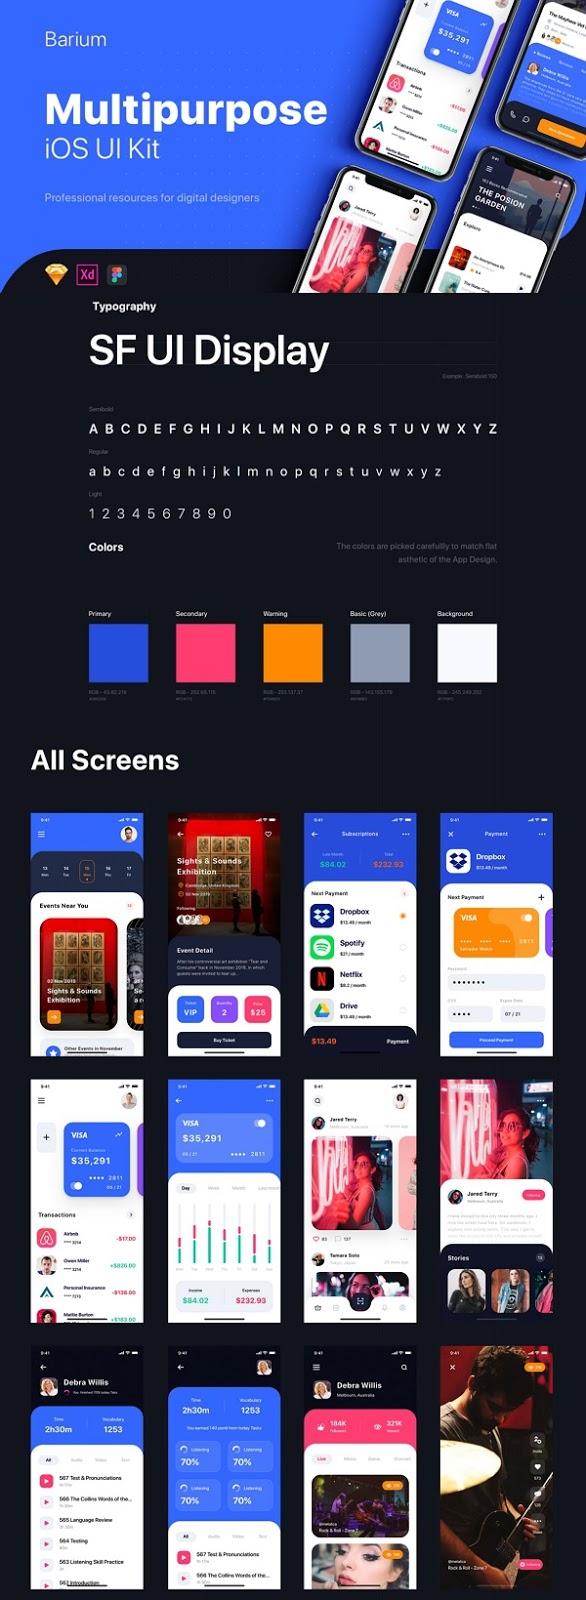 iOS UI Kit